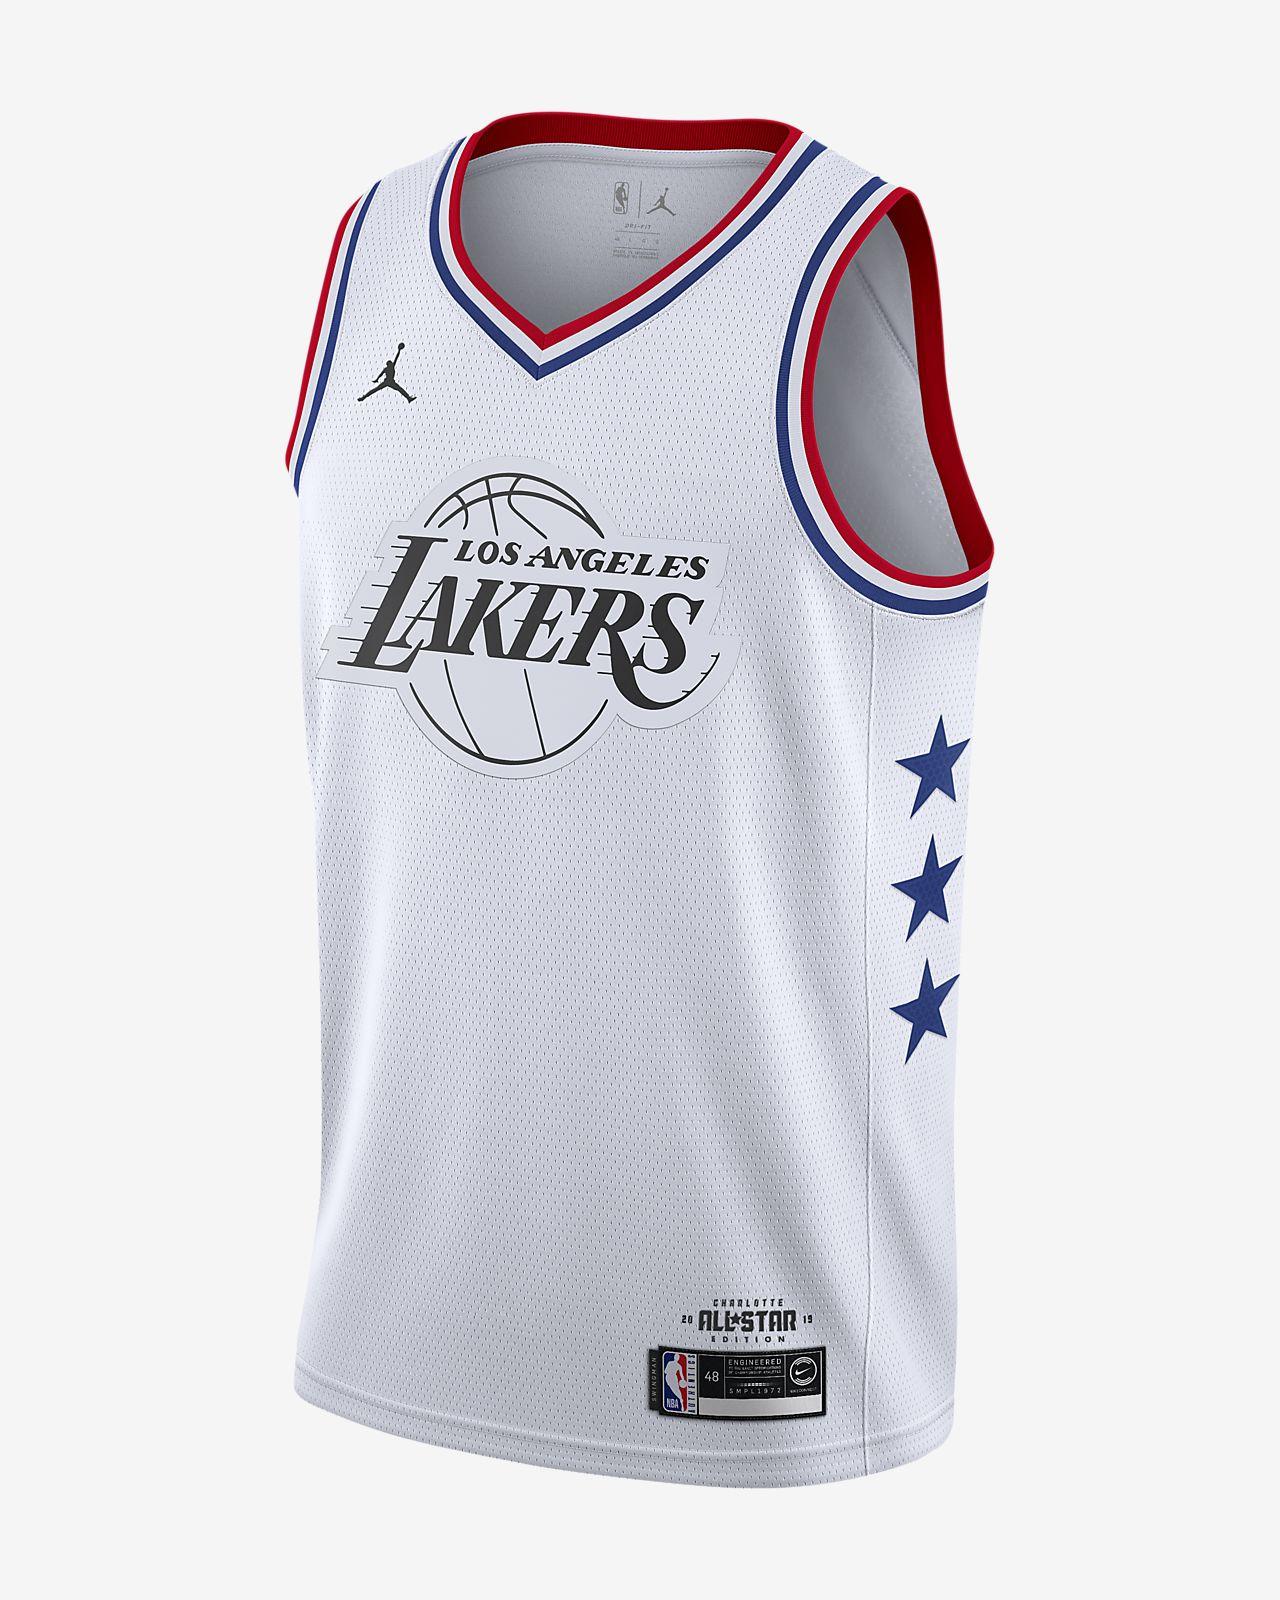 レブロン ジェームズ オールスター エディション スウィングマン メンズ ジョーダン NBA コネクテッド ジャージー